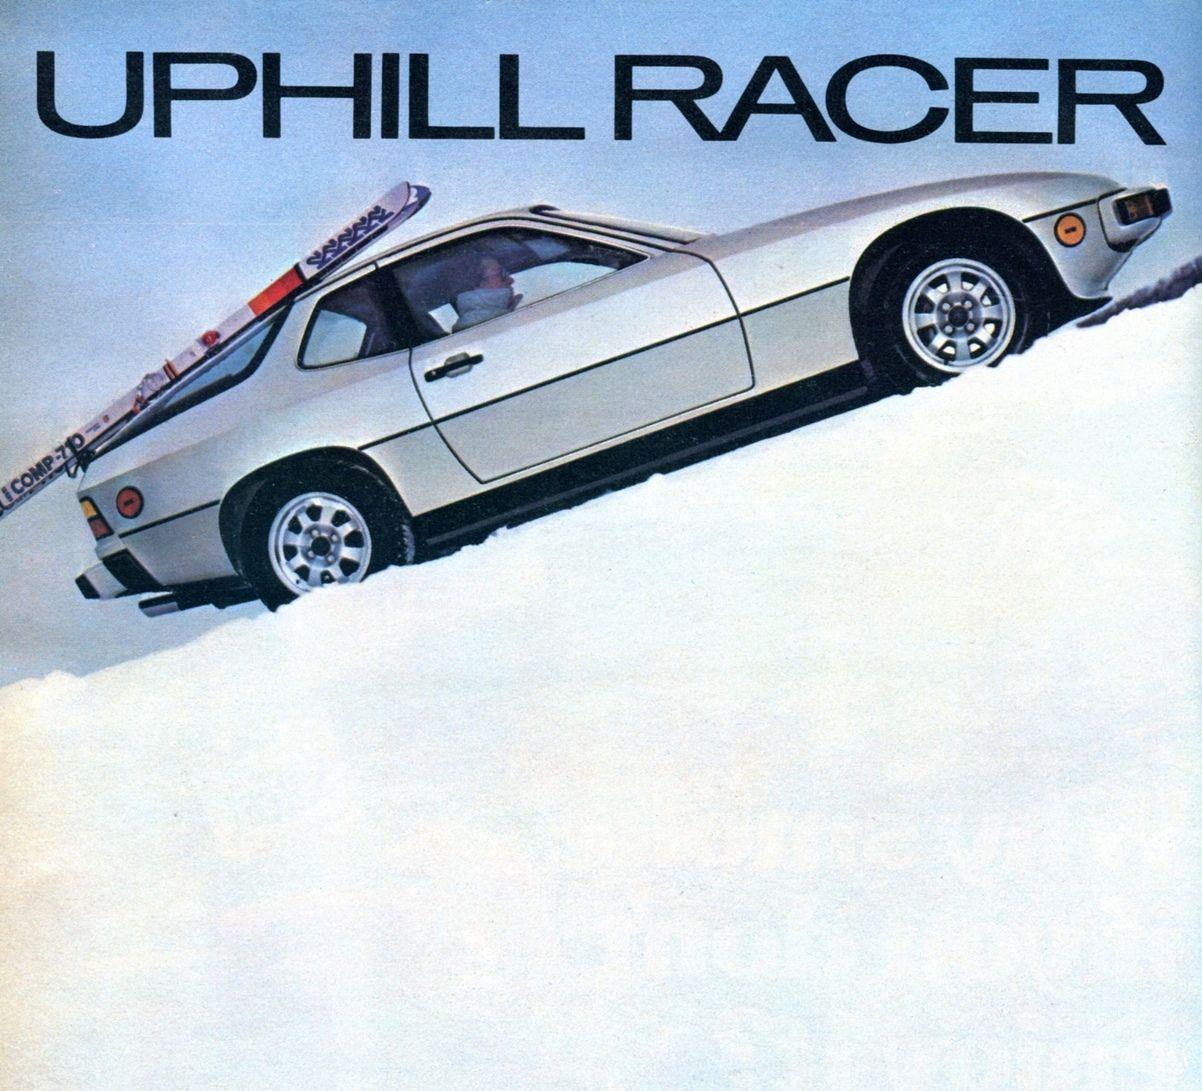 924 uphill racer